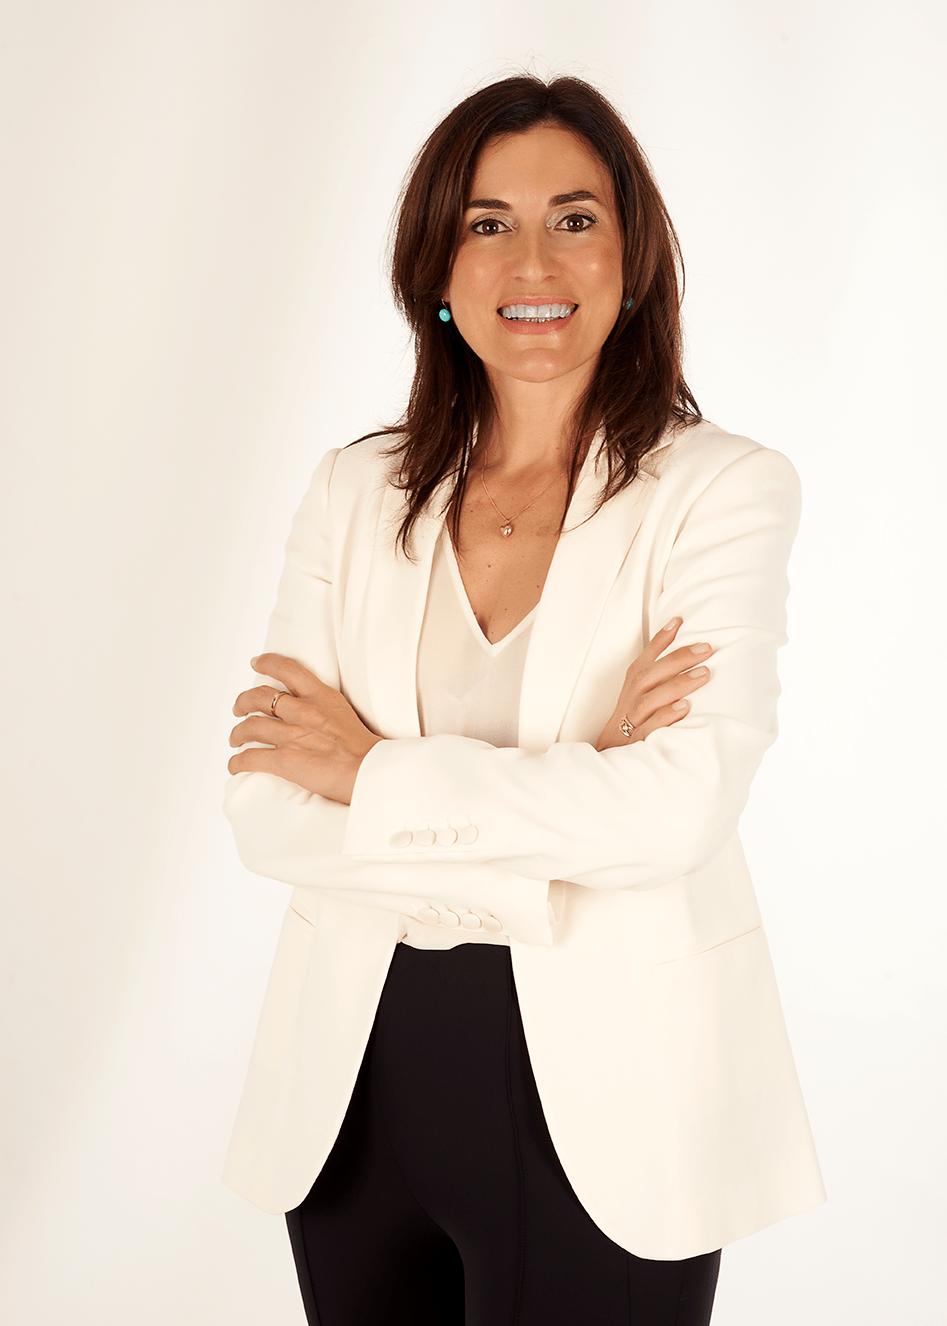 Ana María Sanjuán